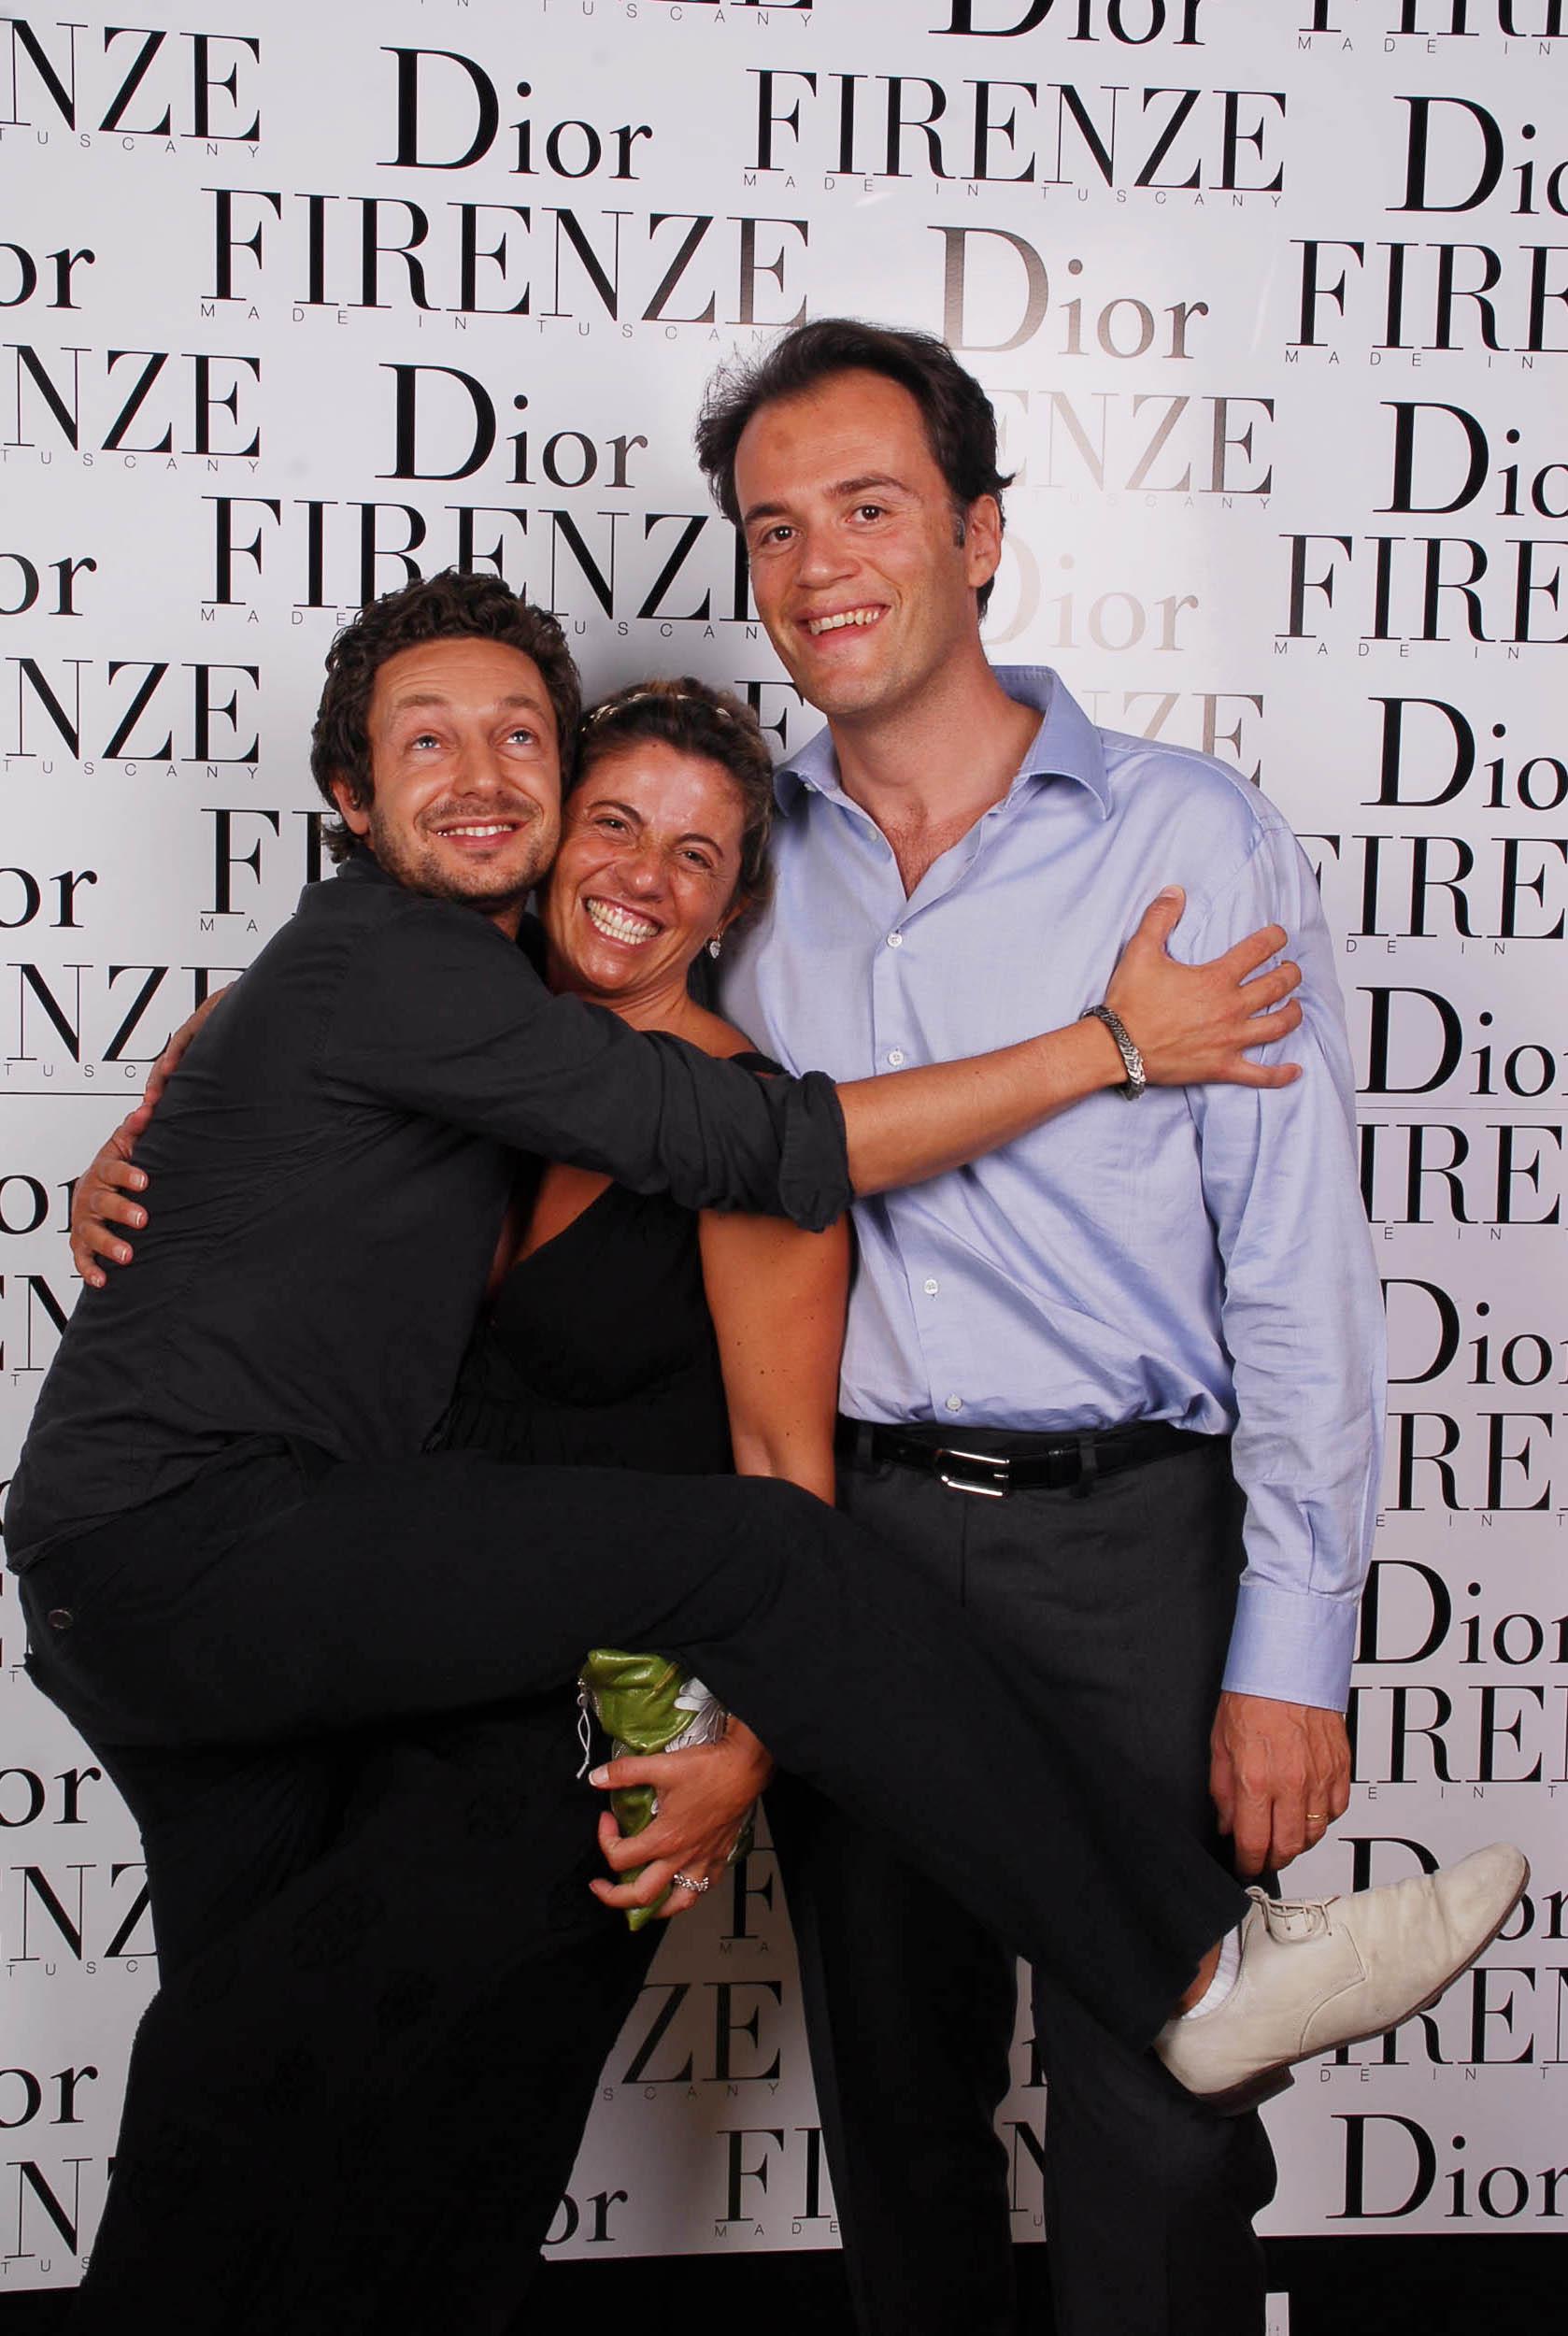 PRESSPHOTO  Firenze, evento Dior al teatro romano di Fiesole. Nella foto David Panbiancom Monica Sarti e Michael Hadida